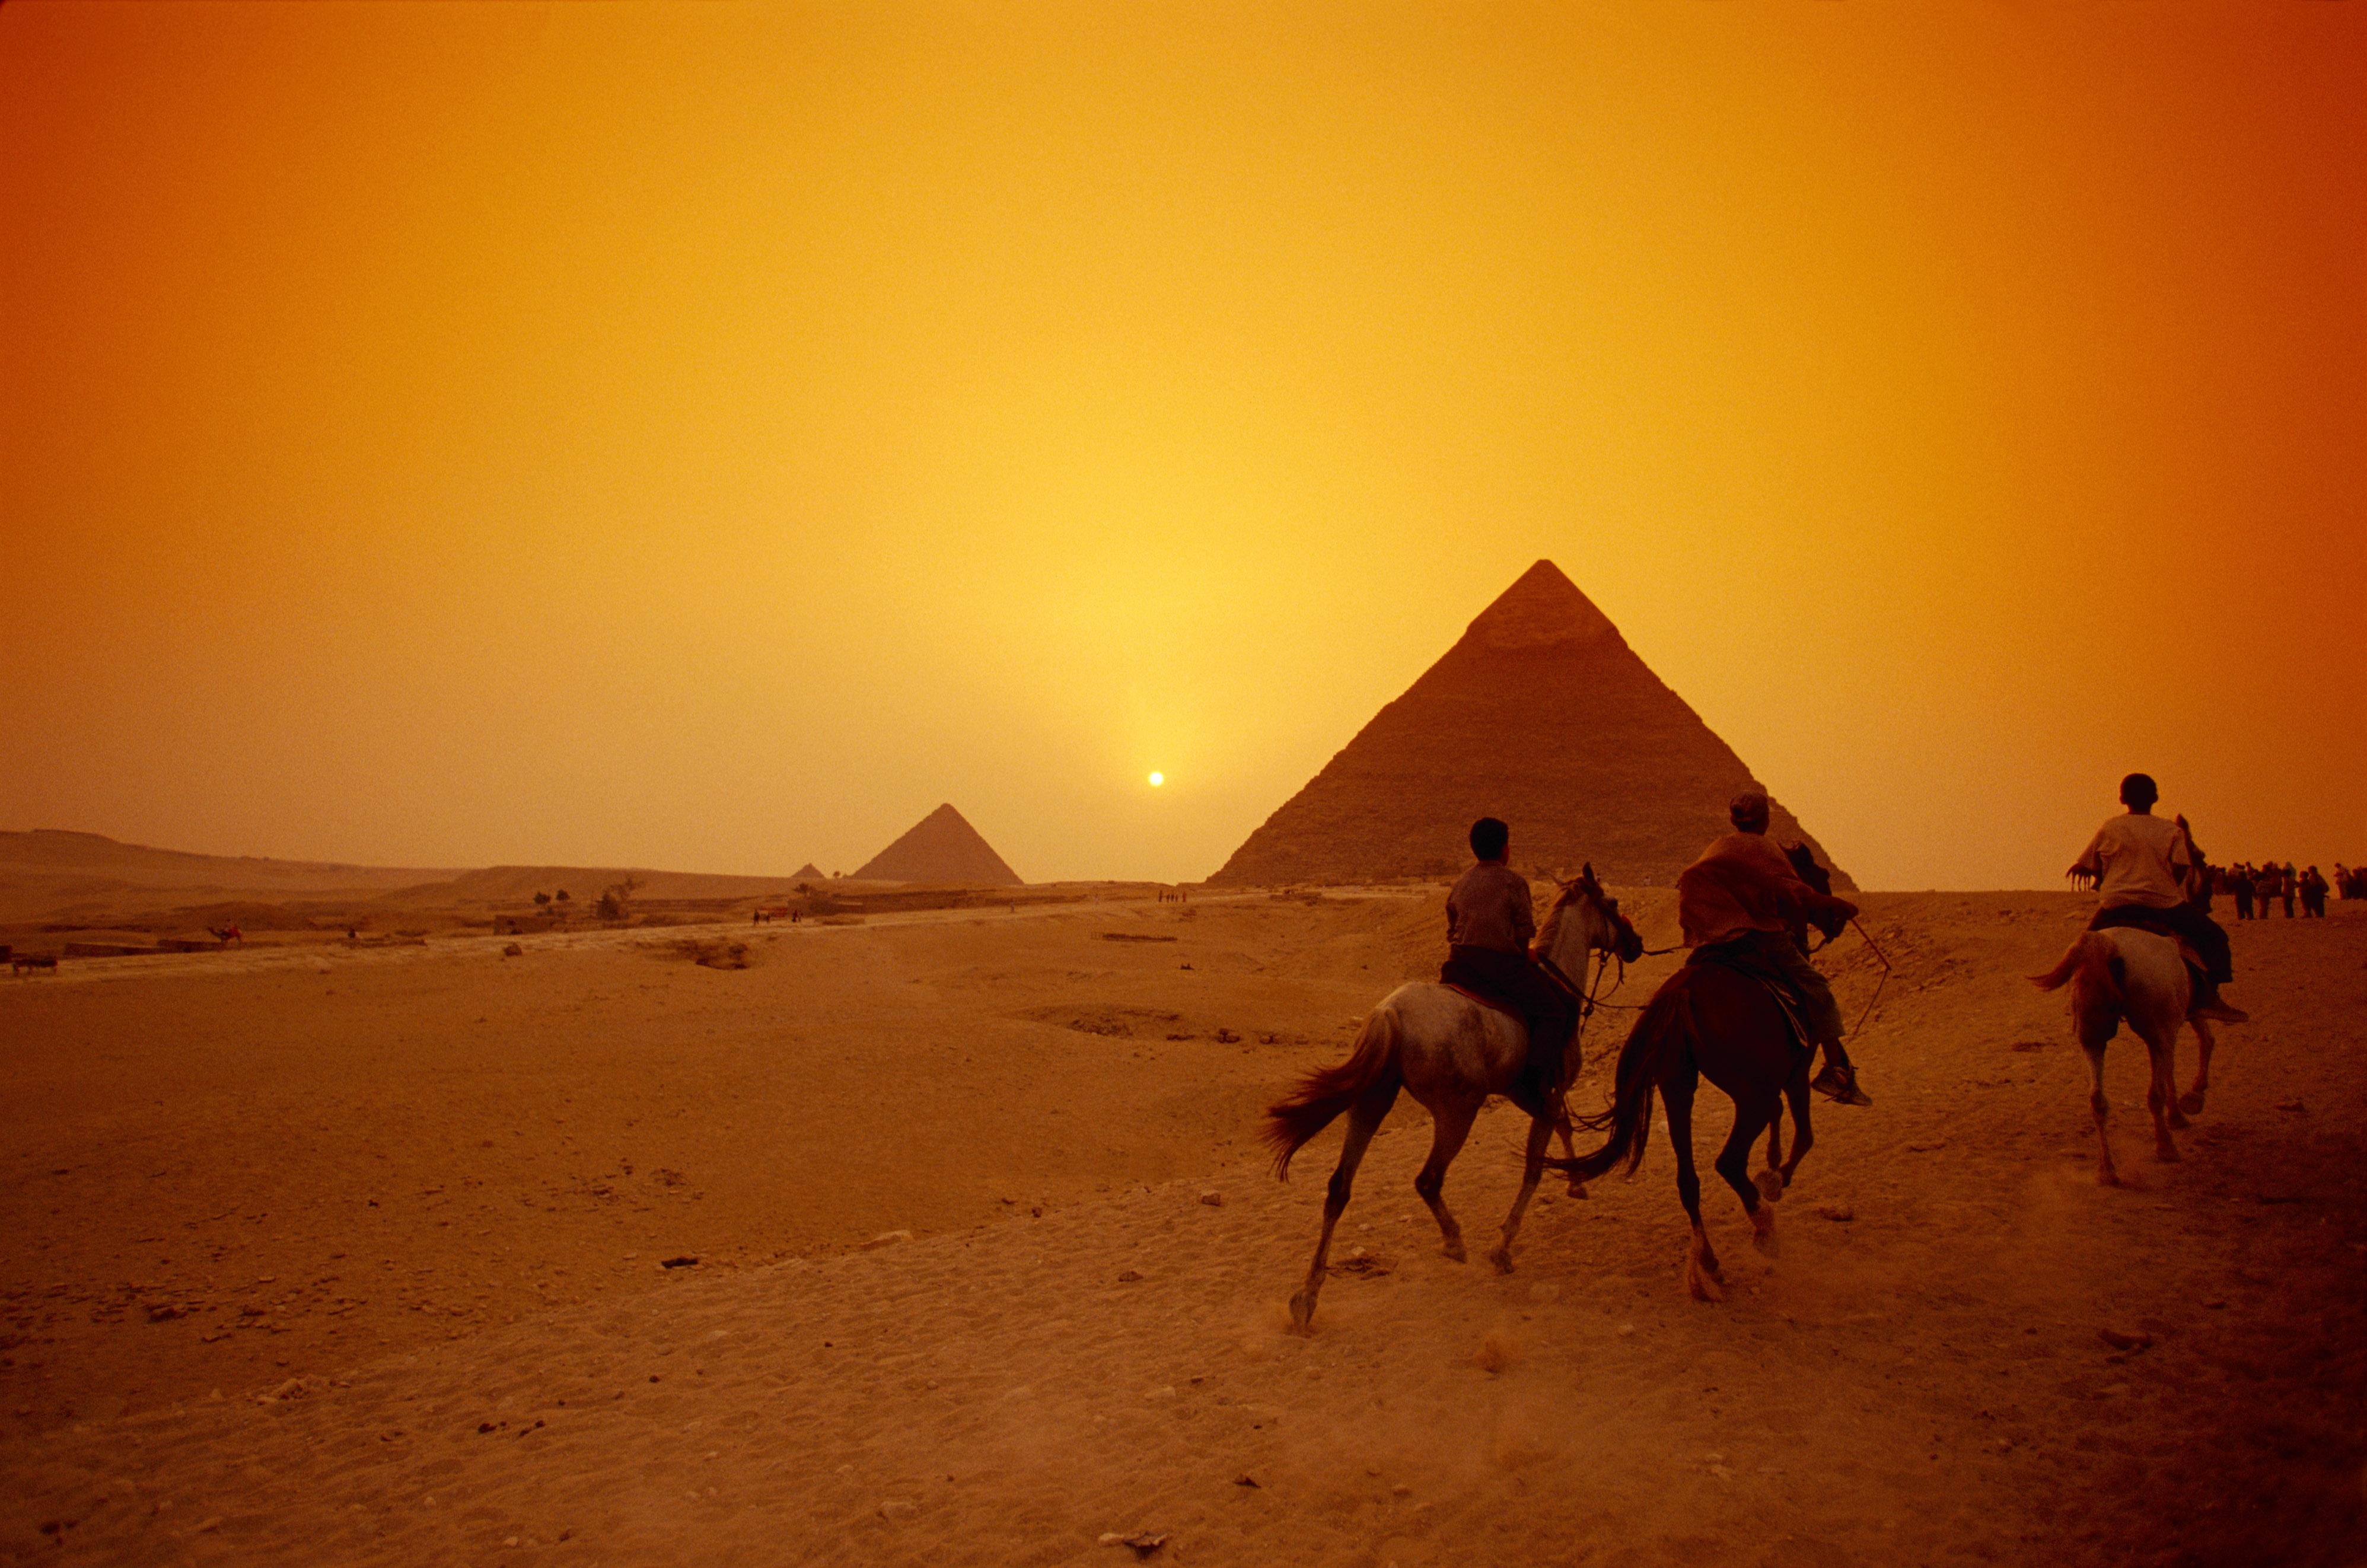 egypt hd pics